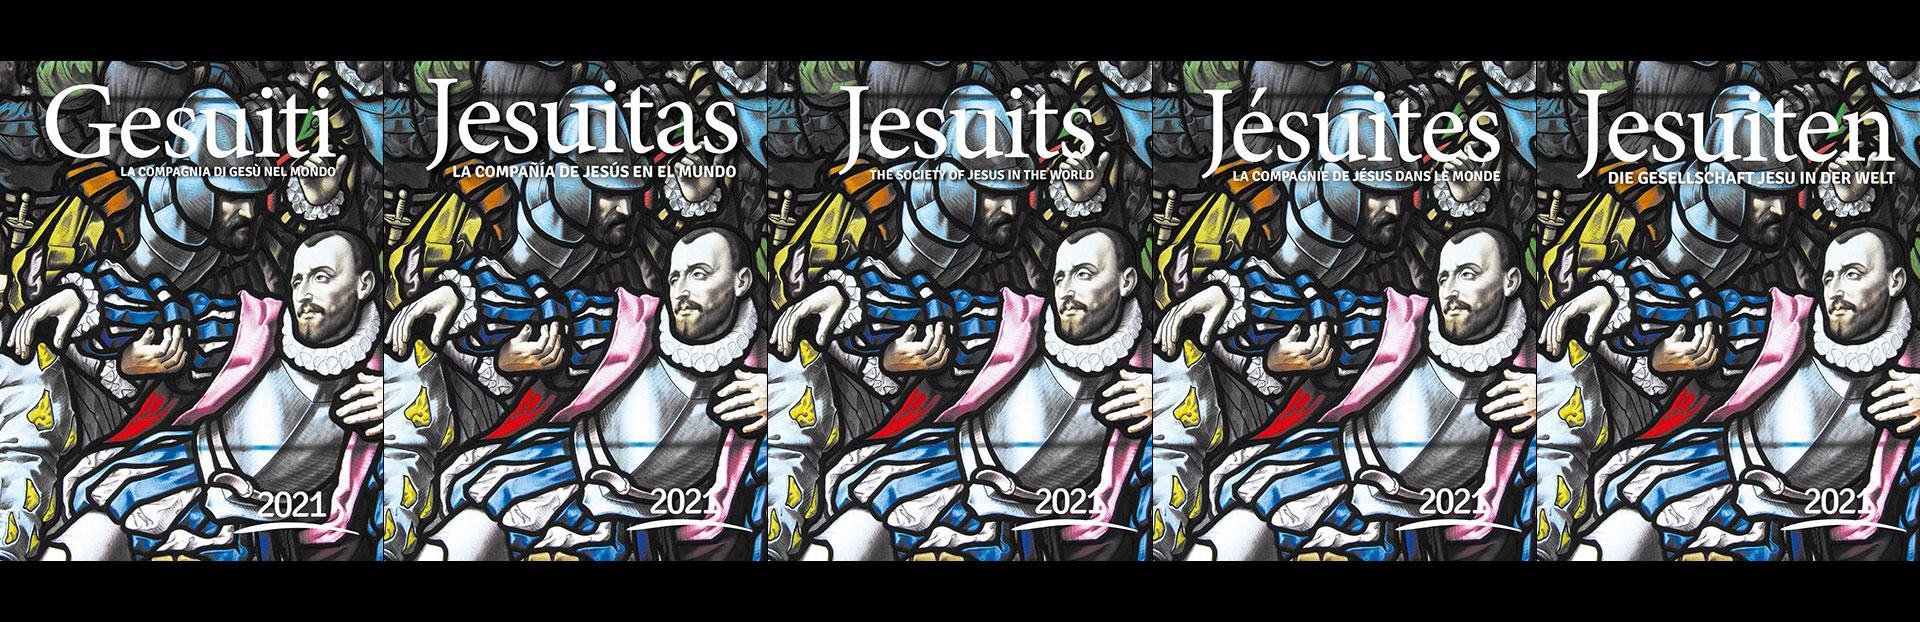 Jesuitas 2021 – Ahora disponible en línea